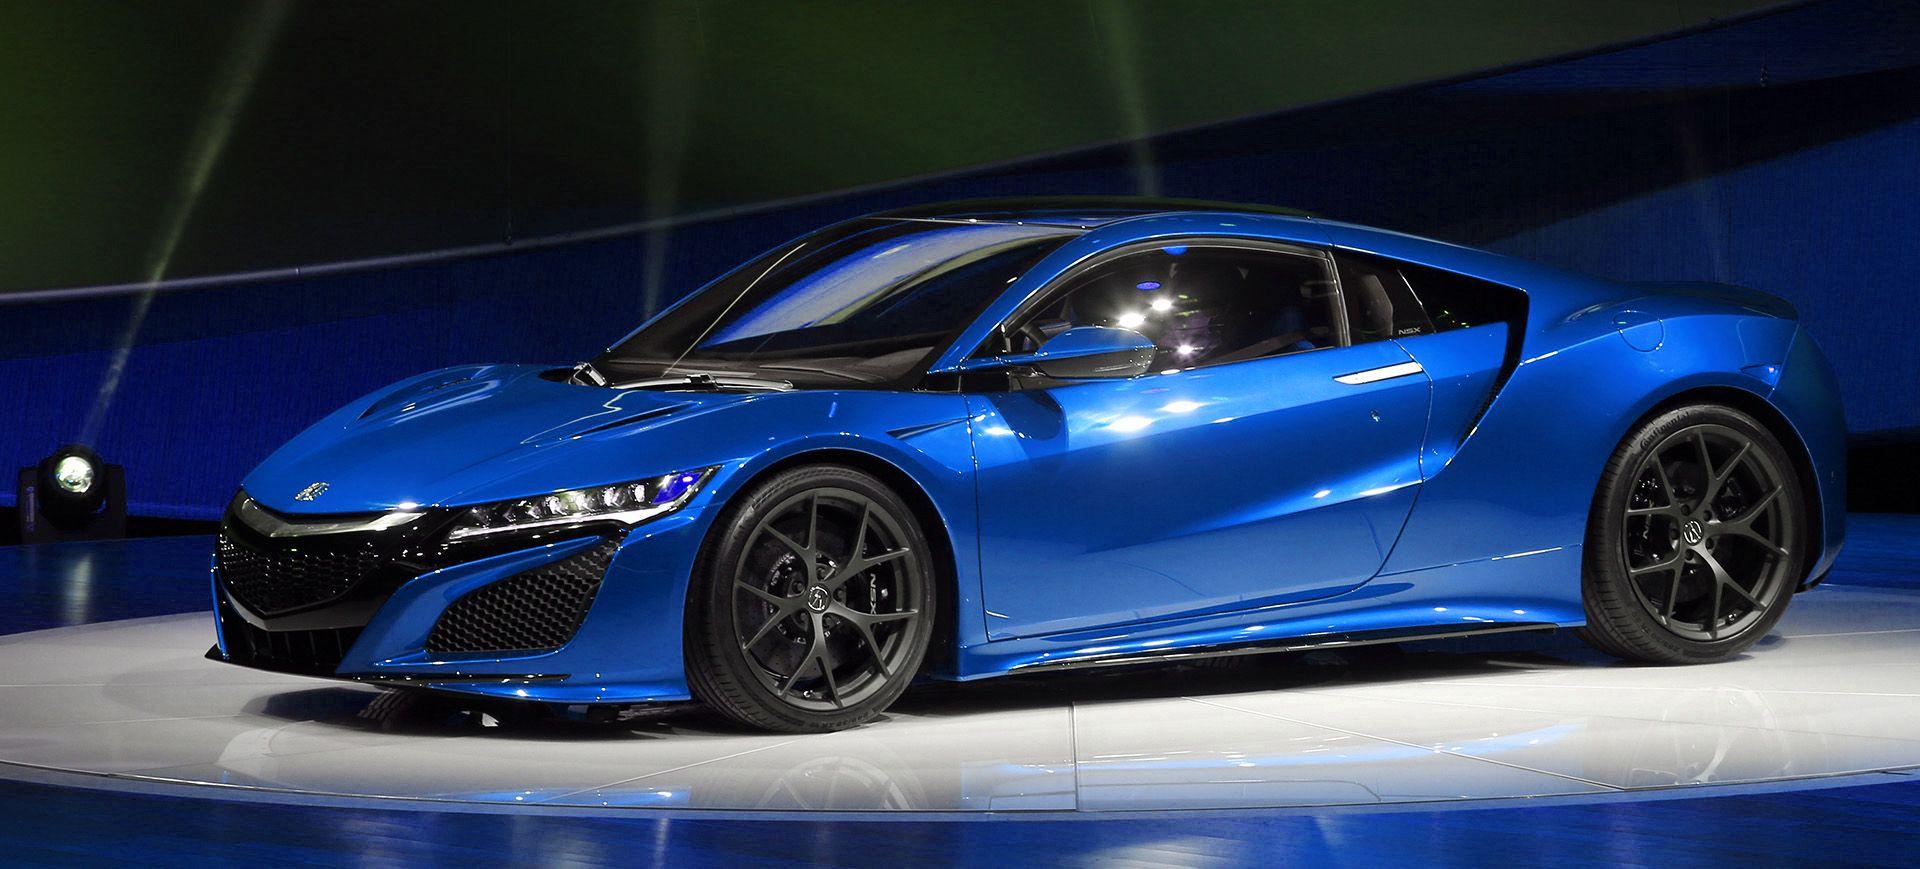 Cool acura nsx 2015 blue Car Gallery Nsx, Acura nsx, Acura